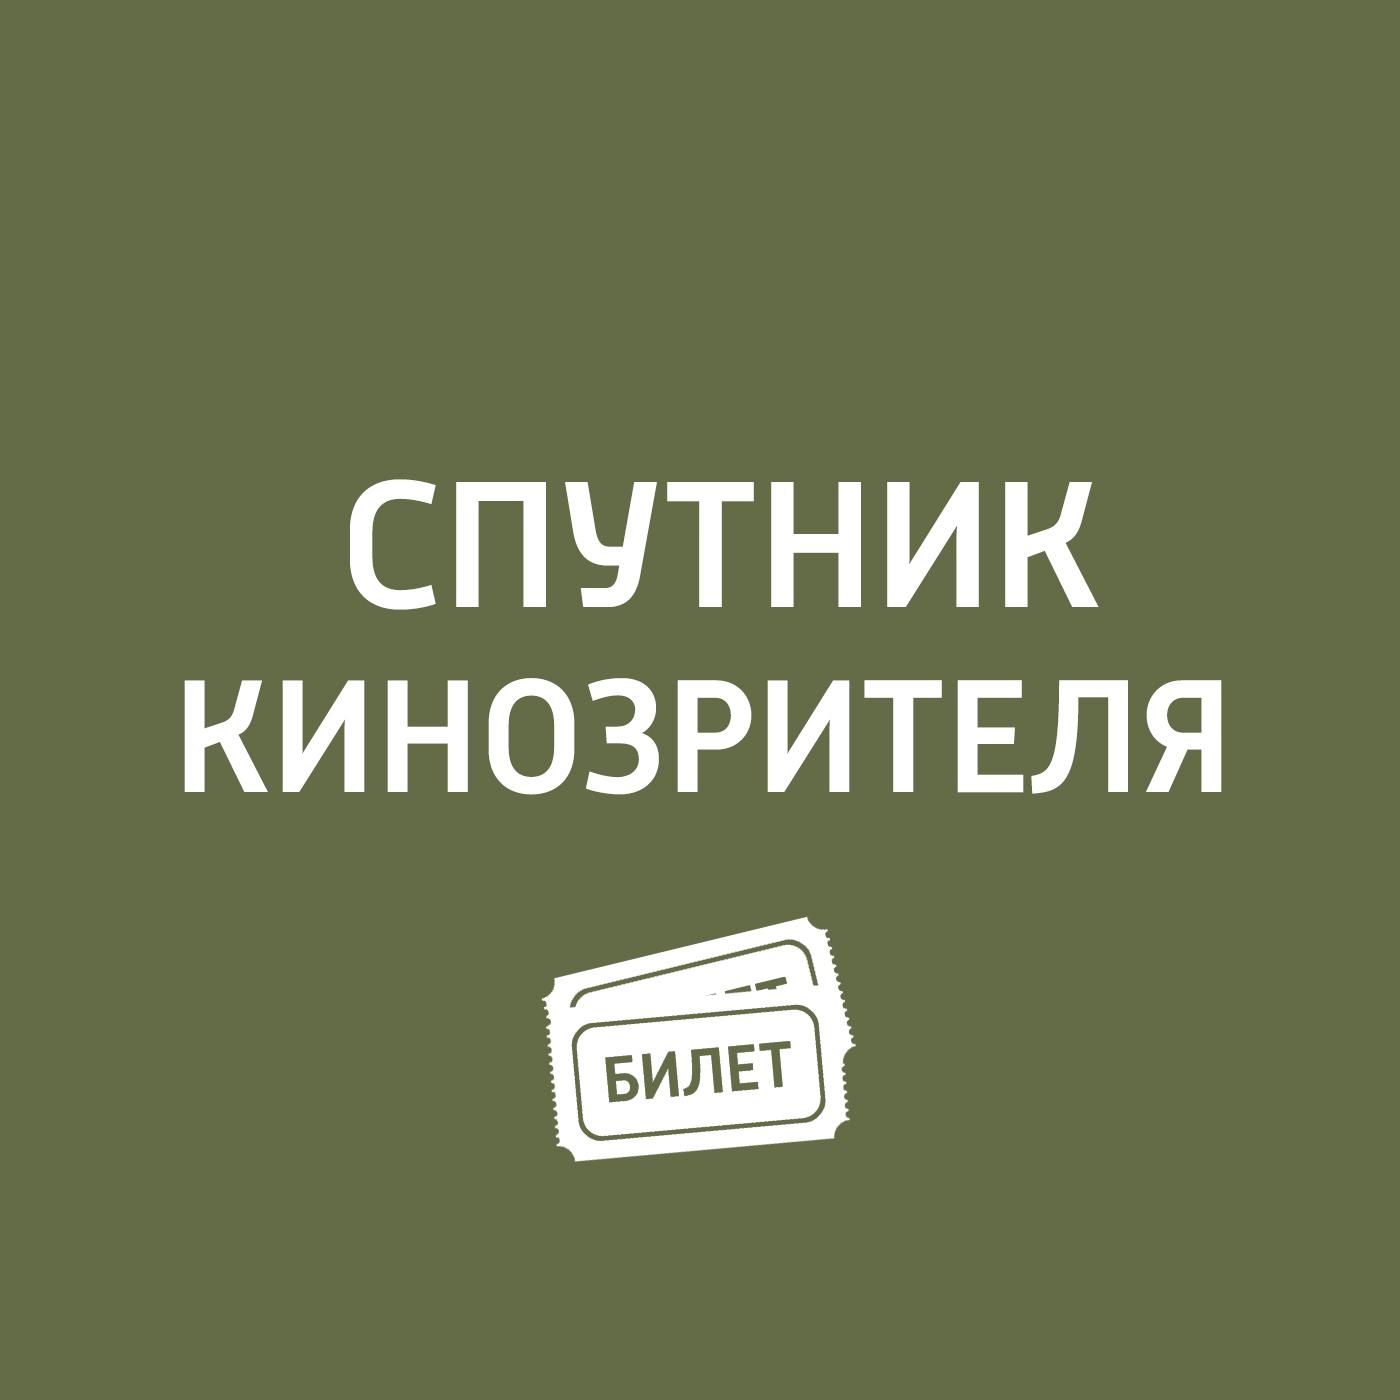 Антон Долин Неудержимые-3, «Красотки Парижа href page 2